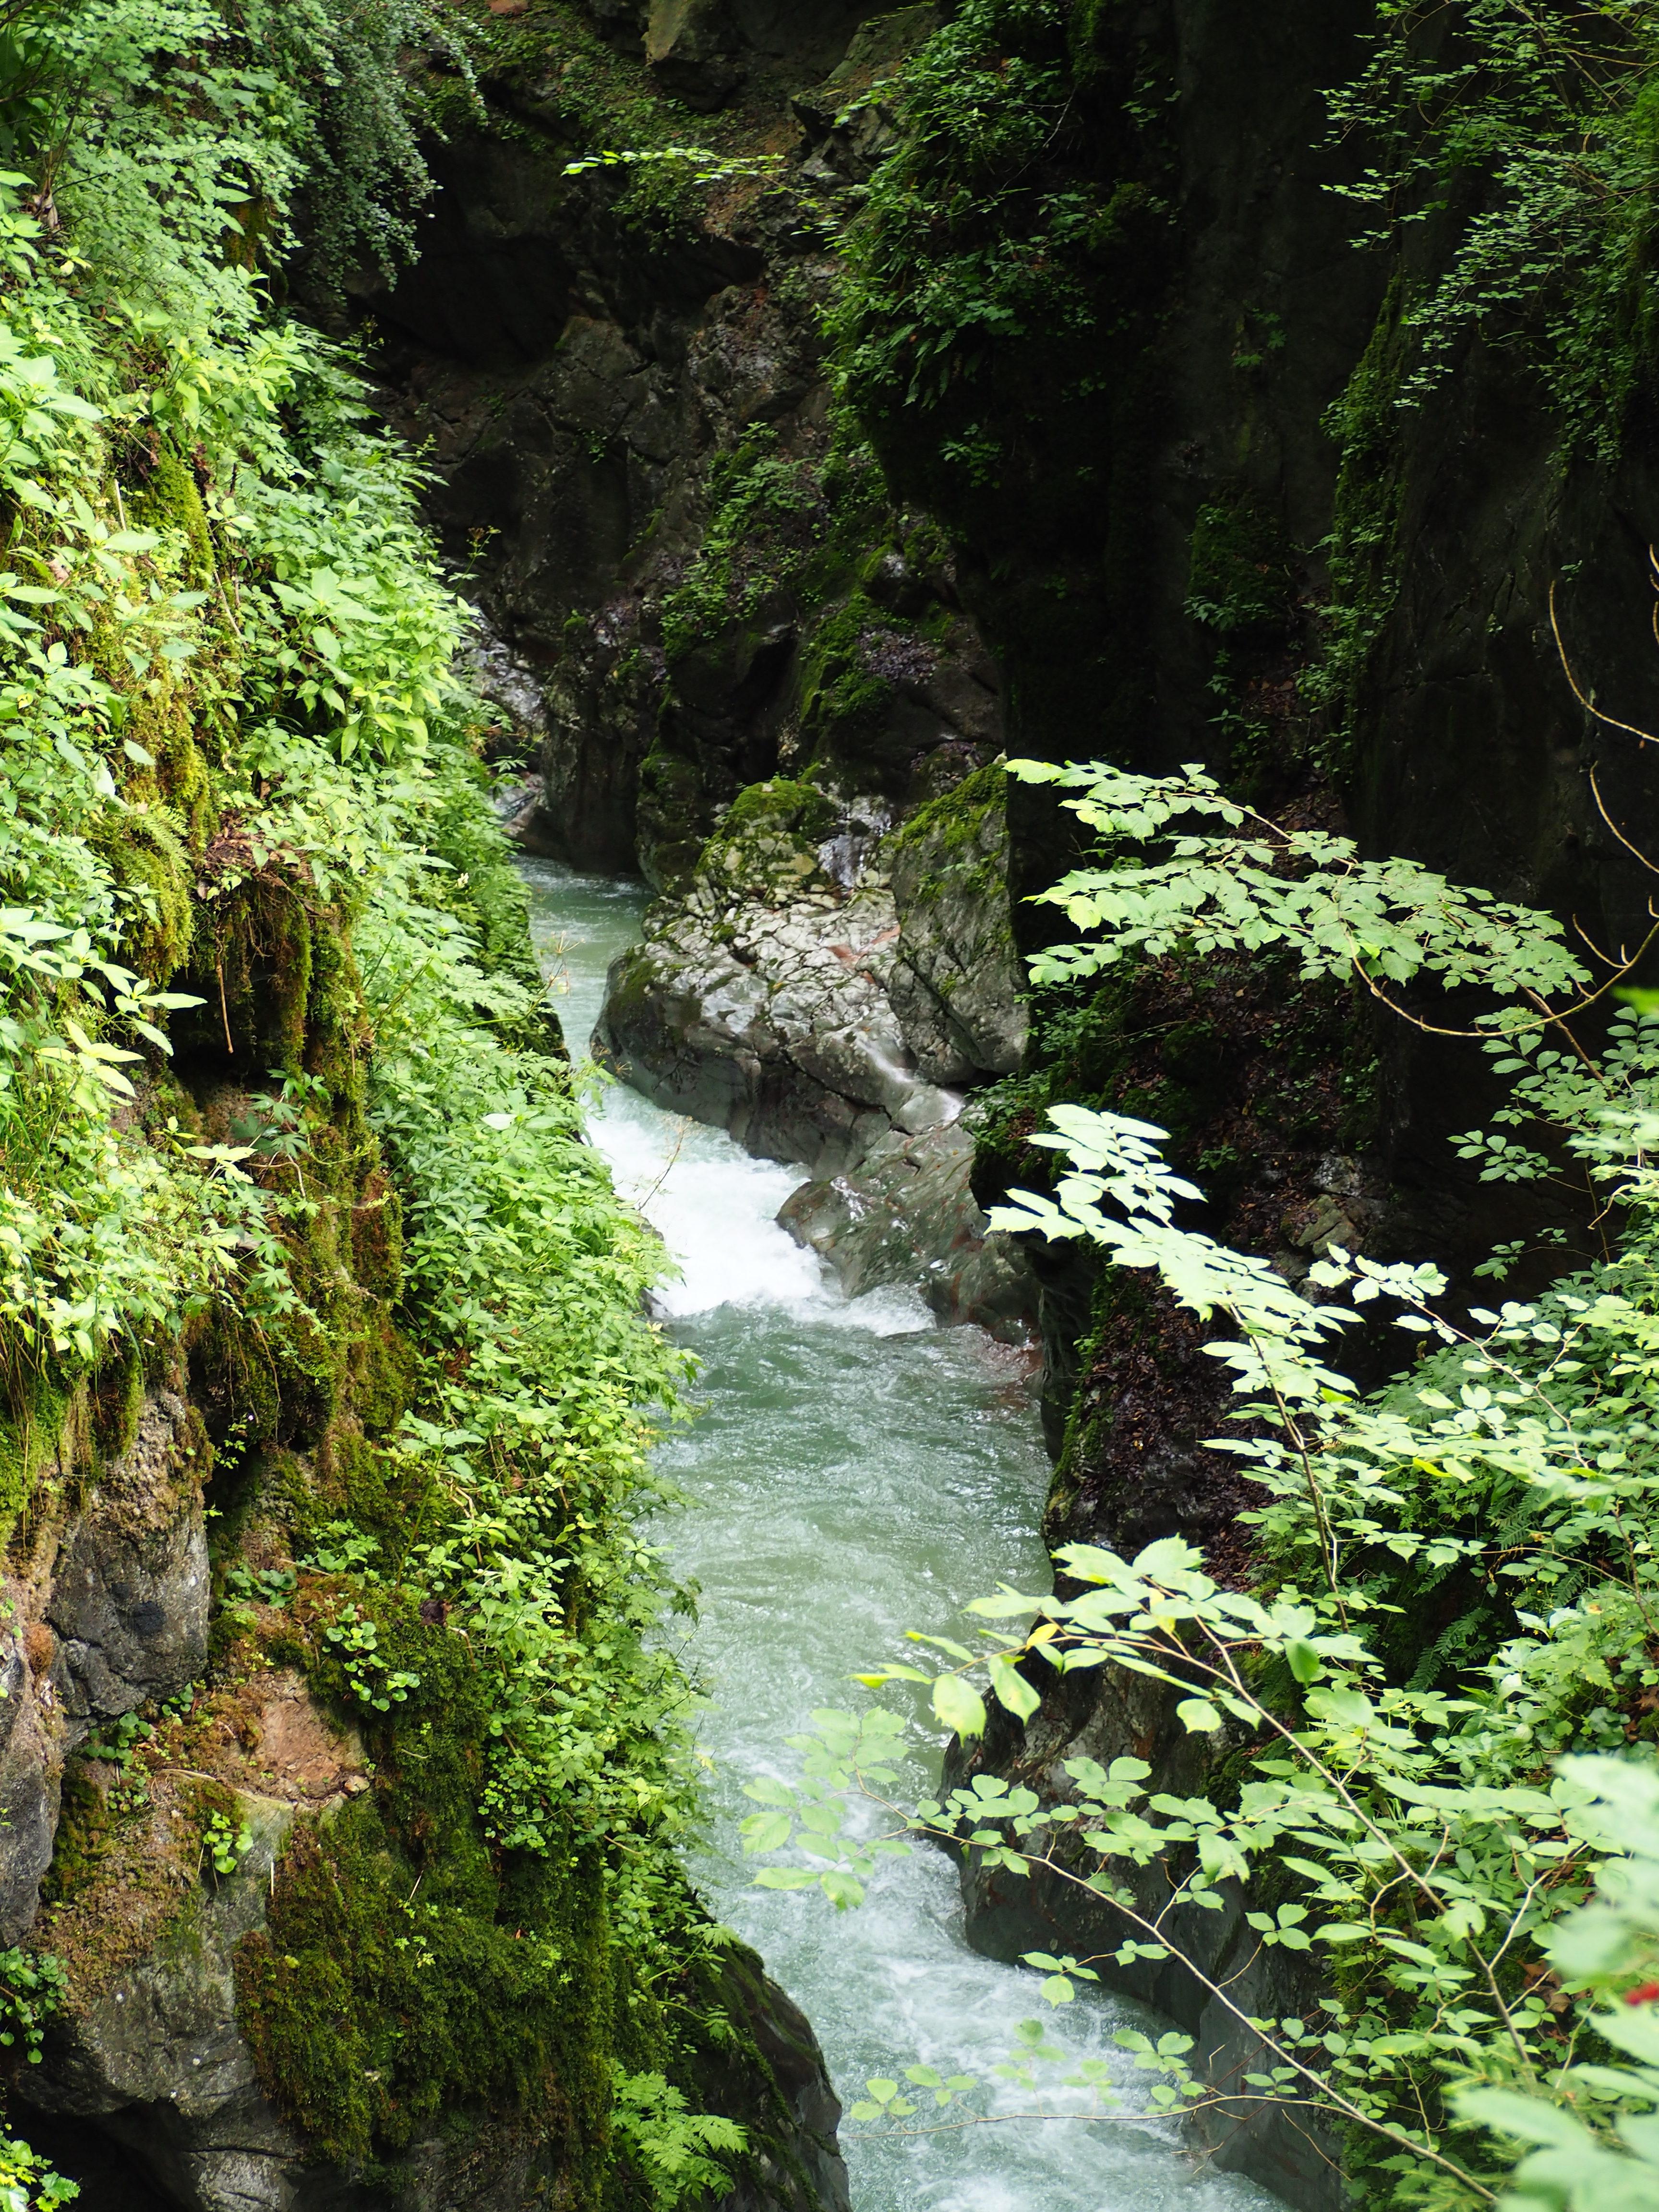 chemin-de-randonnee-depuis-Ramsau-bei-Berchtesgaden-Allemagne-pour-aller-jusquau-lac-Hintersee-eau-rotated.